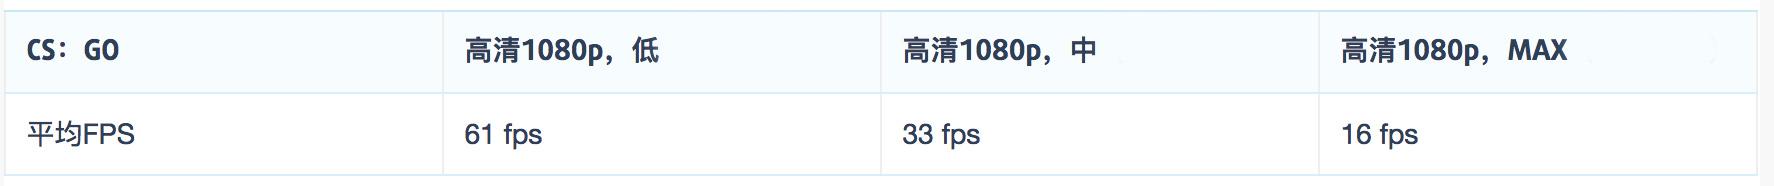 联想IdeaPad 330s评测